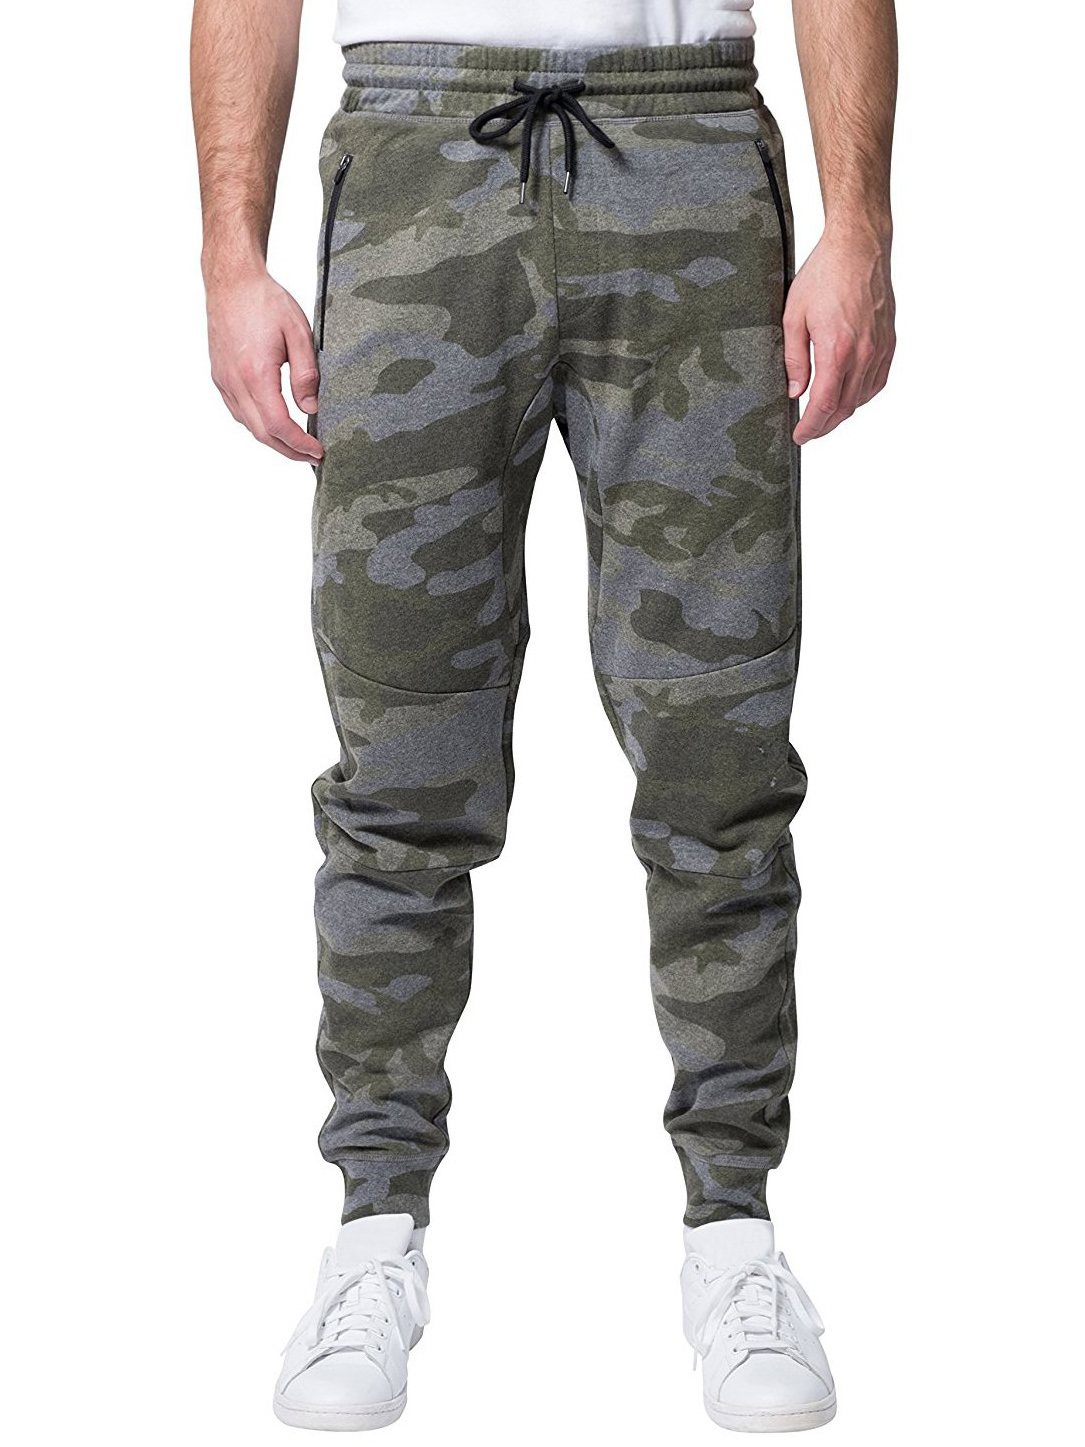 Fleece Active Joggers Elastic Pants Custom Motorcycle Inspired Sweatpants for Boys /& Girls